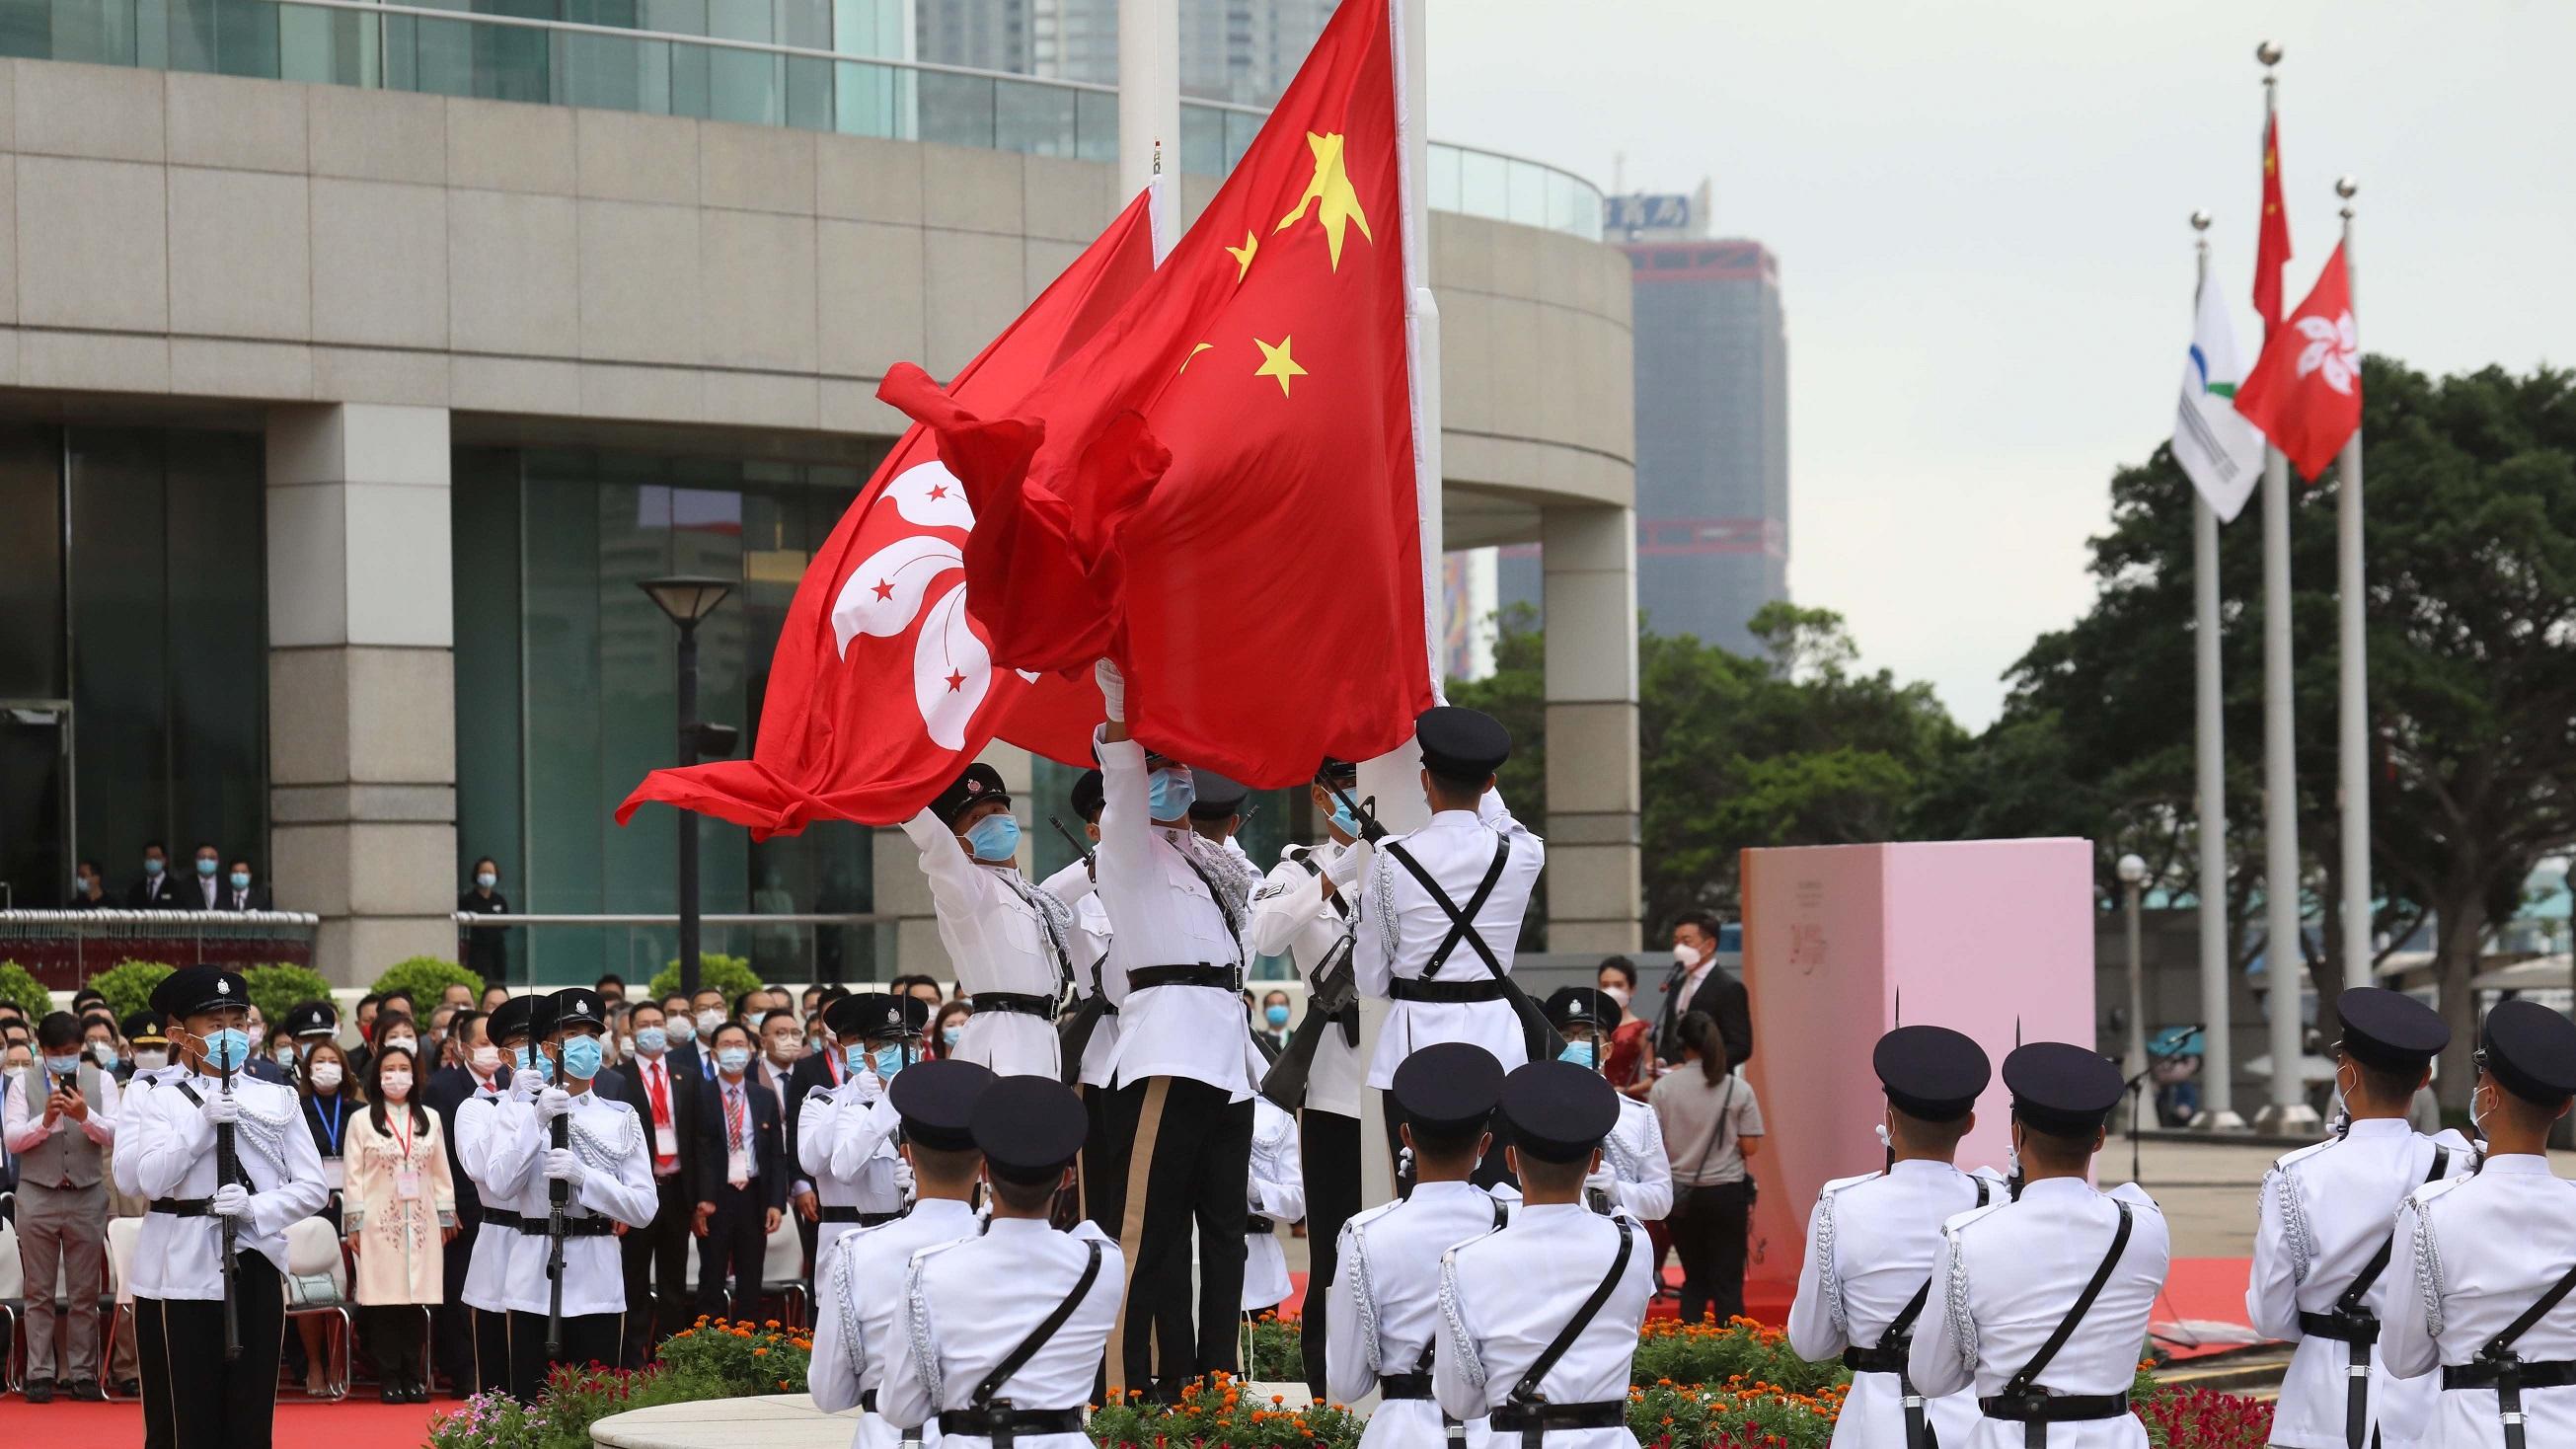 【李曉兵】百年大黨與香港的過去、今天和未來